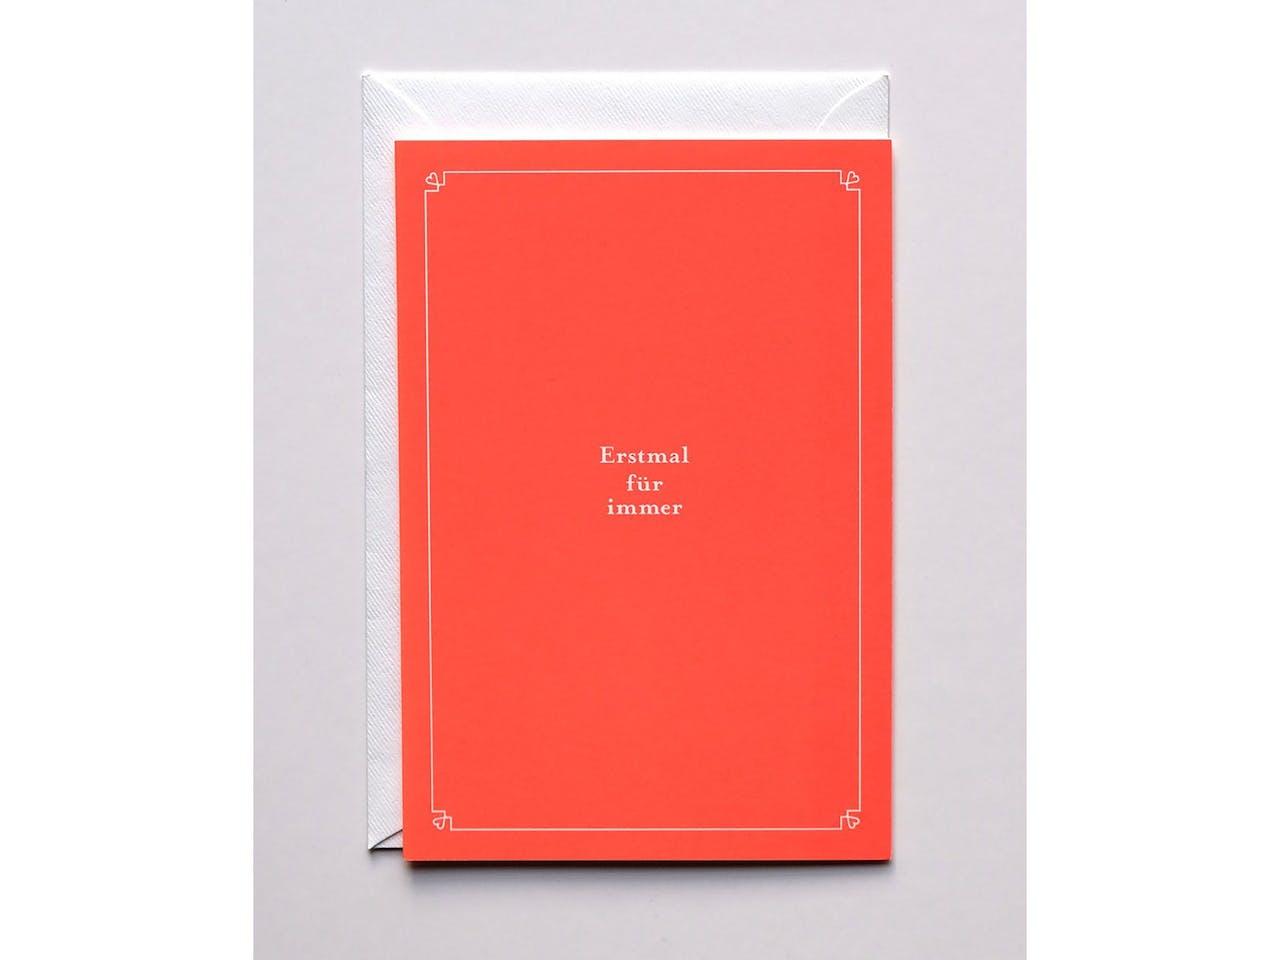 Haferkorn & Sauerbrey Grußkarte, DIN B6, Klappkarte mit Kuvert, Für Immer